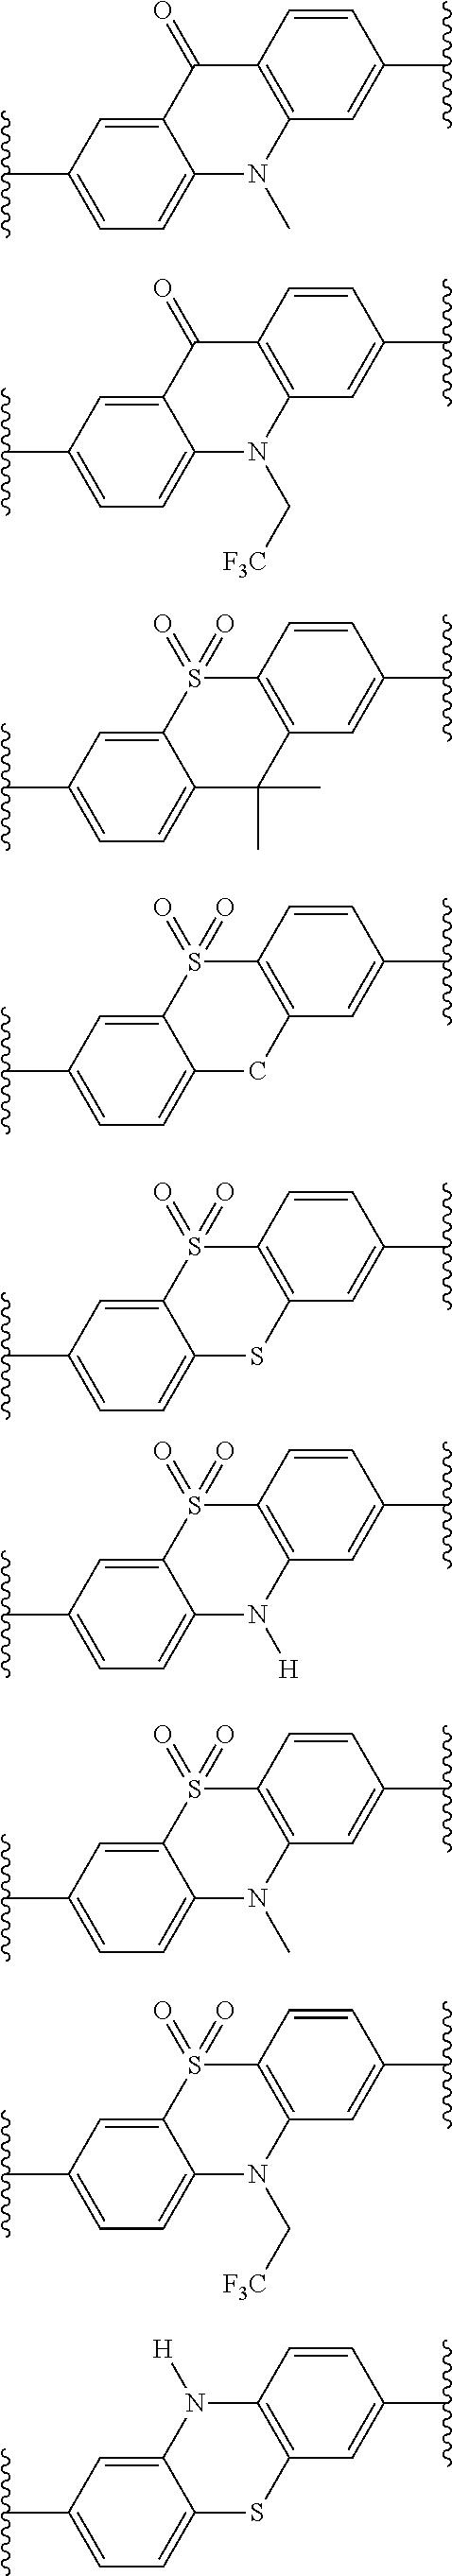 Figure US08273341-20120925-C00193